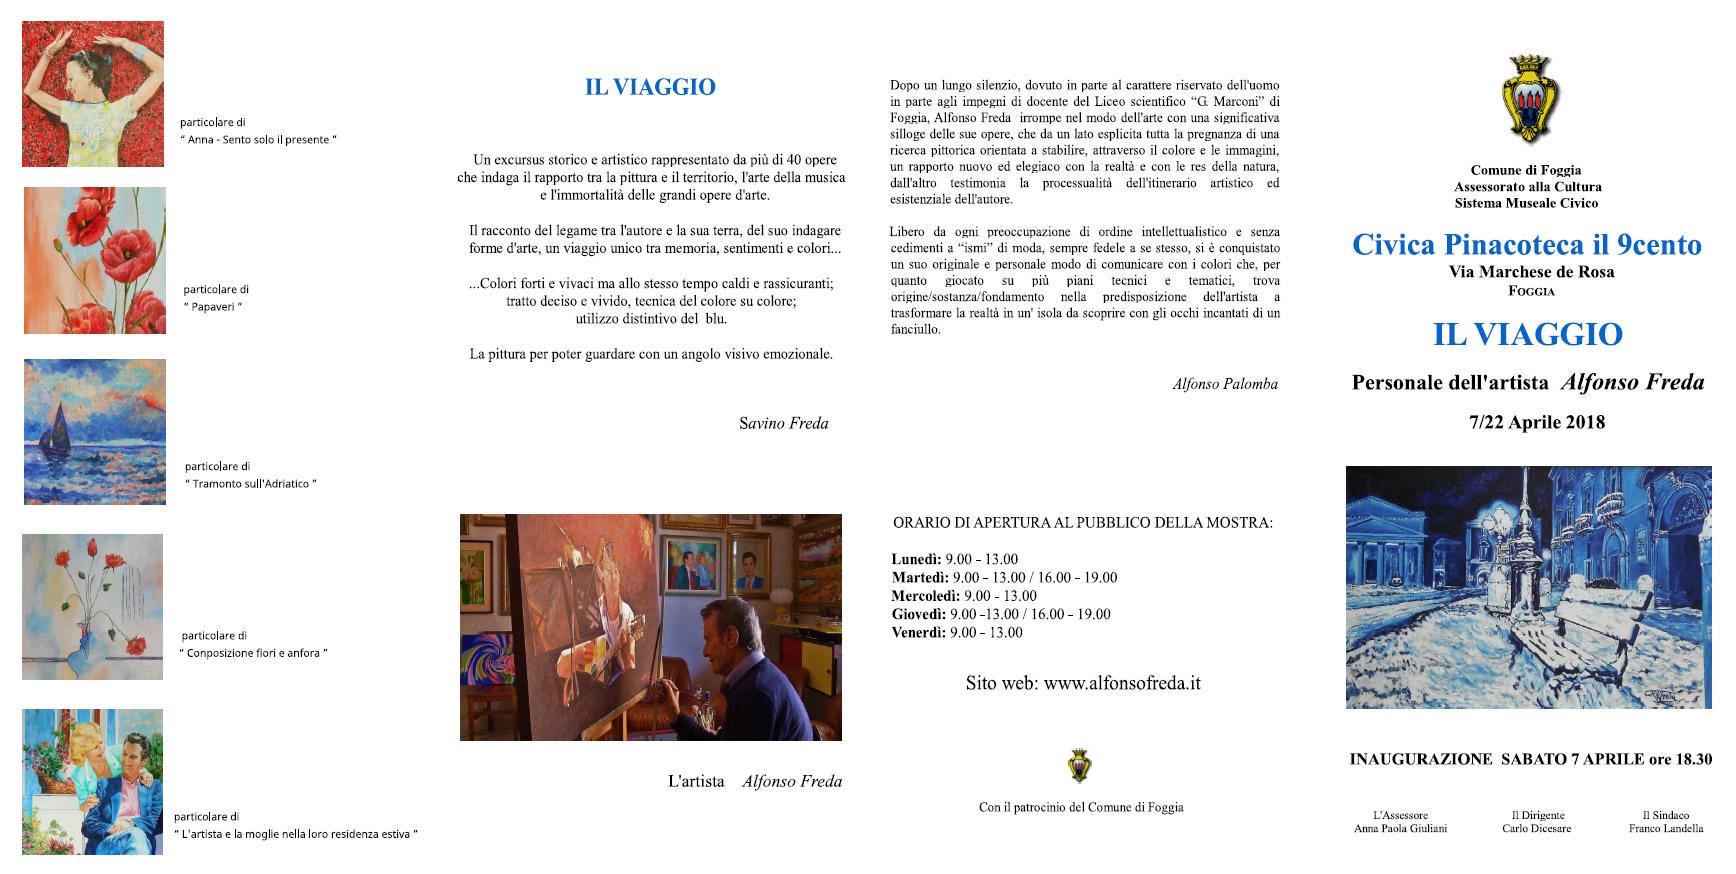 SCARICA LA LOCANDINA DELLA MOSTRA IN PDF